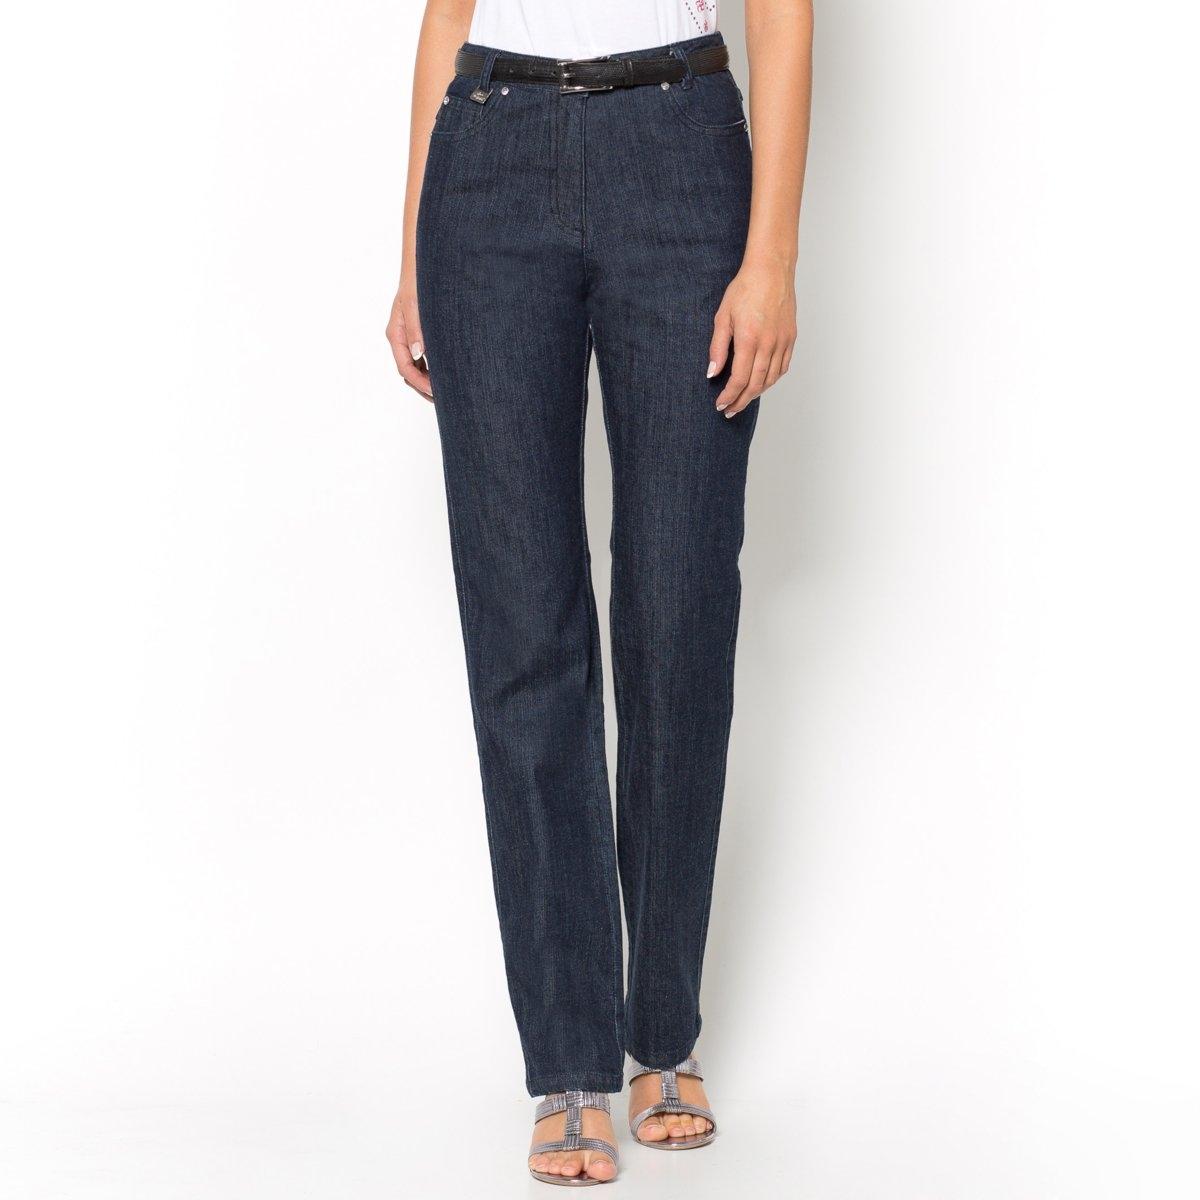 Джинсы из стретч денима, длина по внутр. шву 78 см брюки из саржи би стрейч длина по внутр шву 78 см